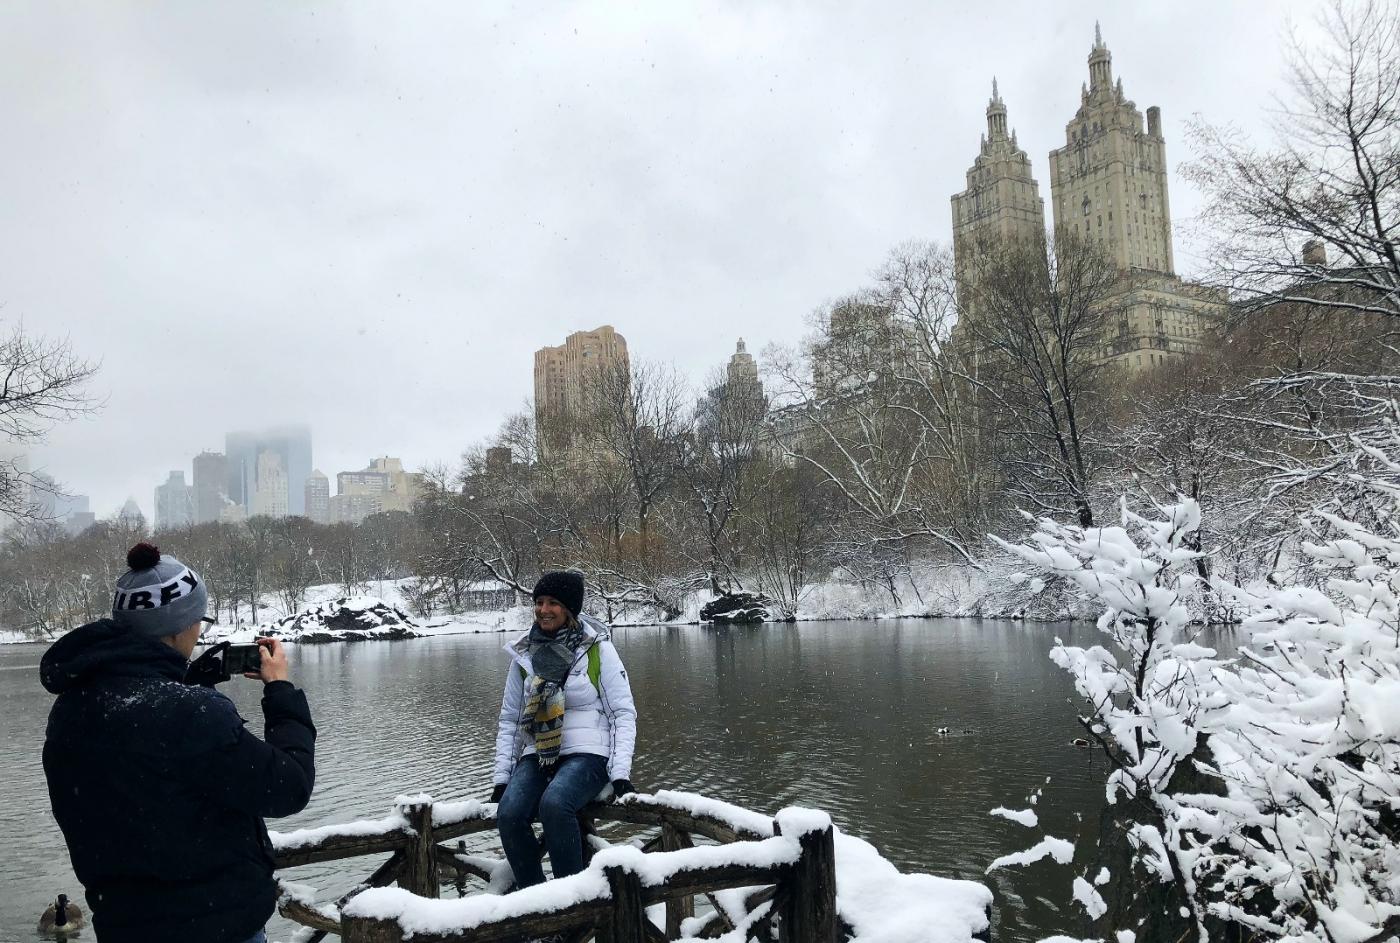 【田螺手机摄影】纽约雪景、还是中央公园最漂亮[二]_图1-13